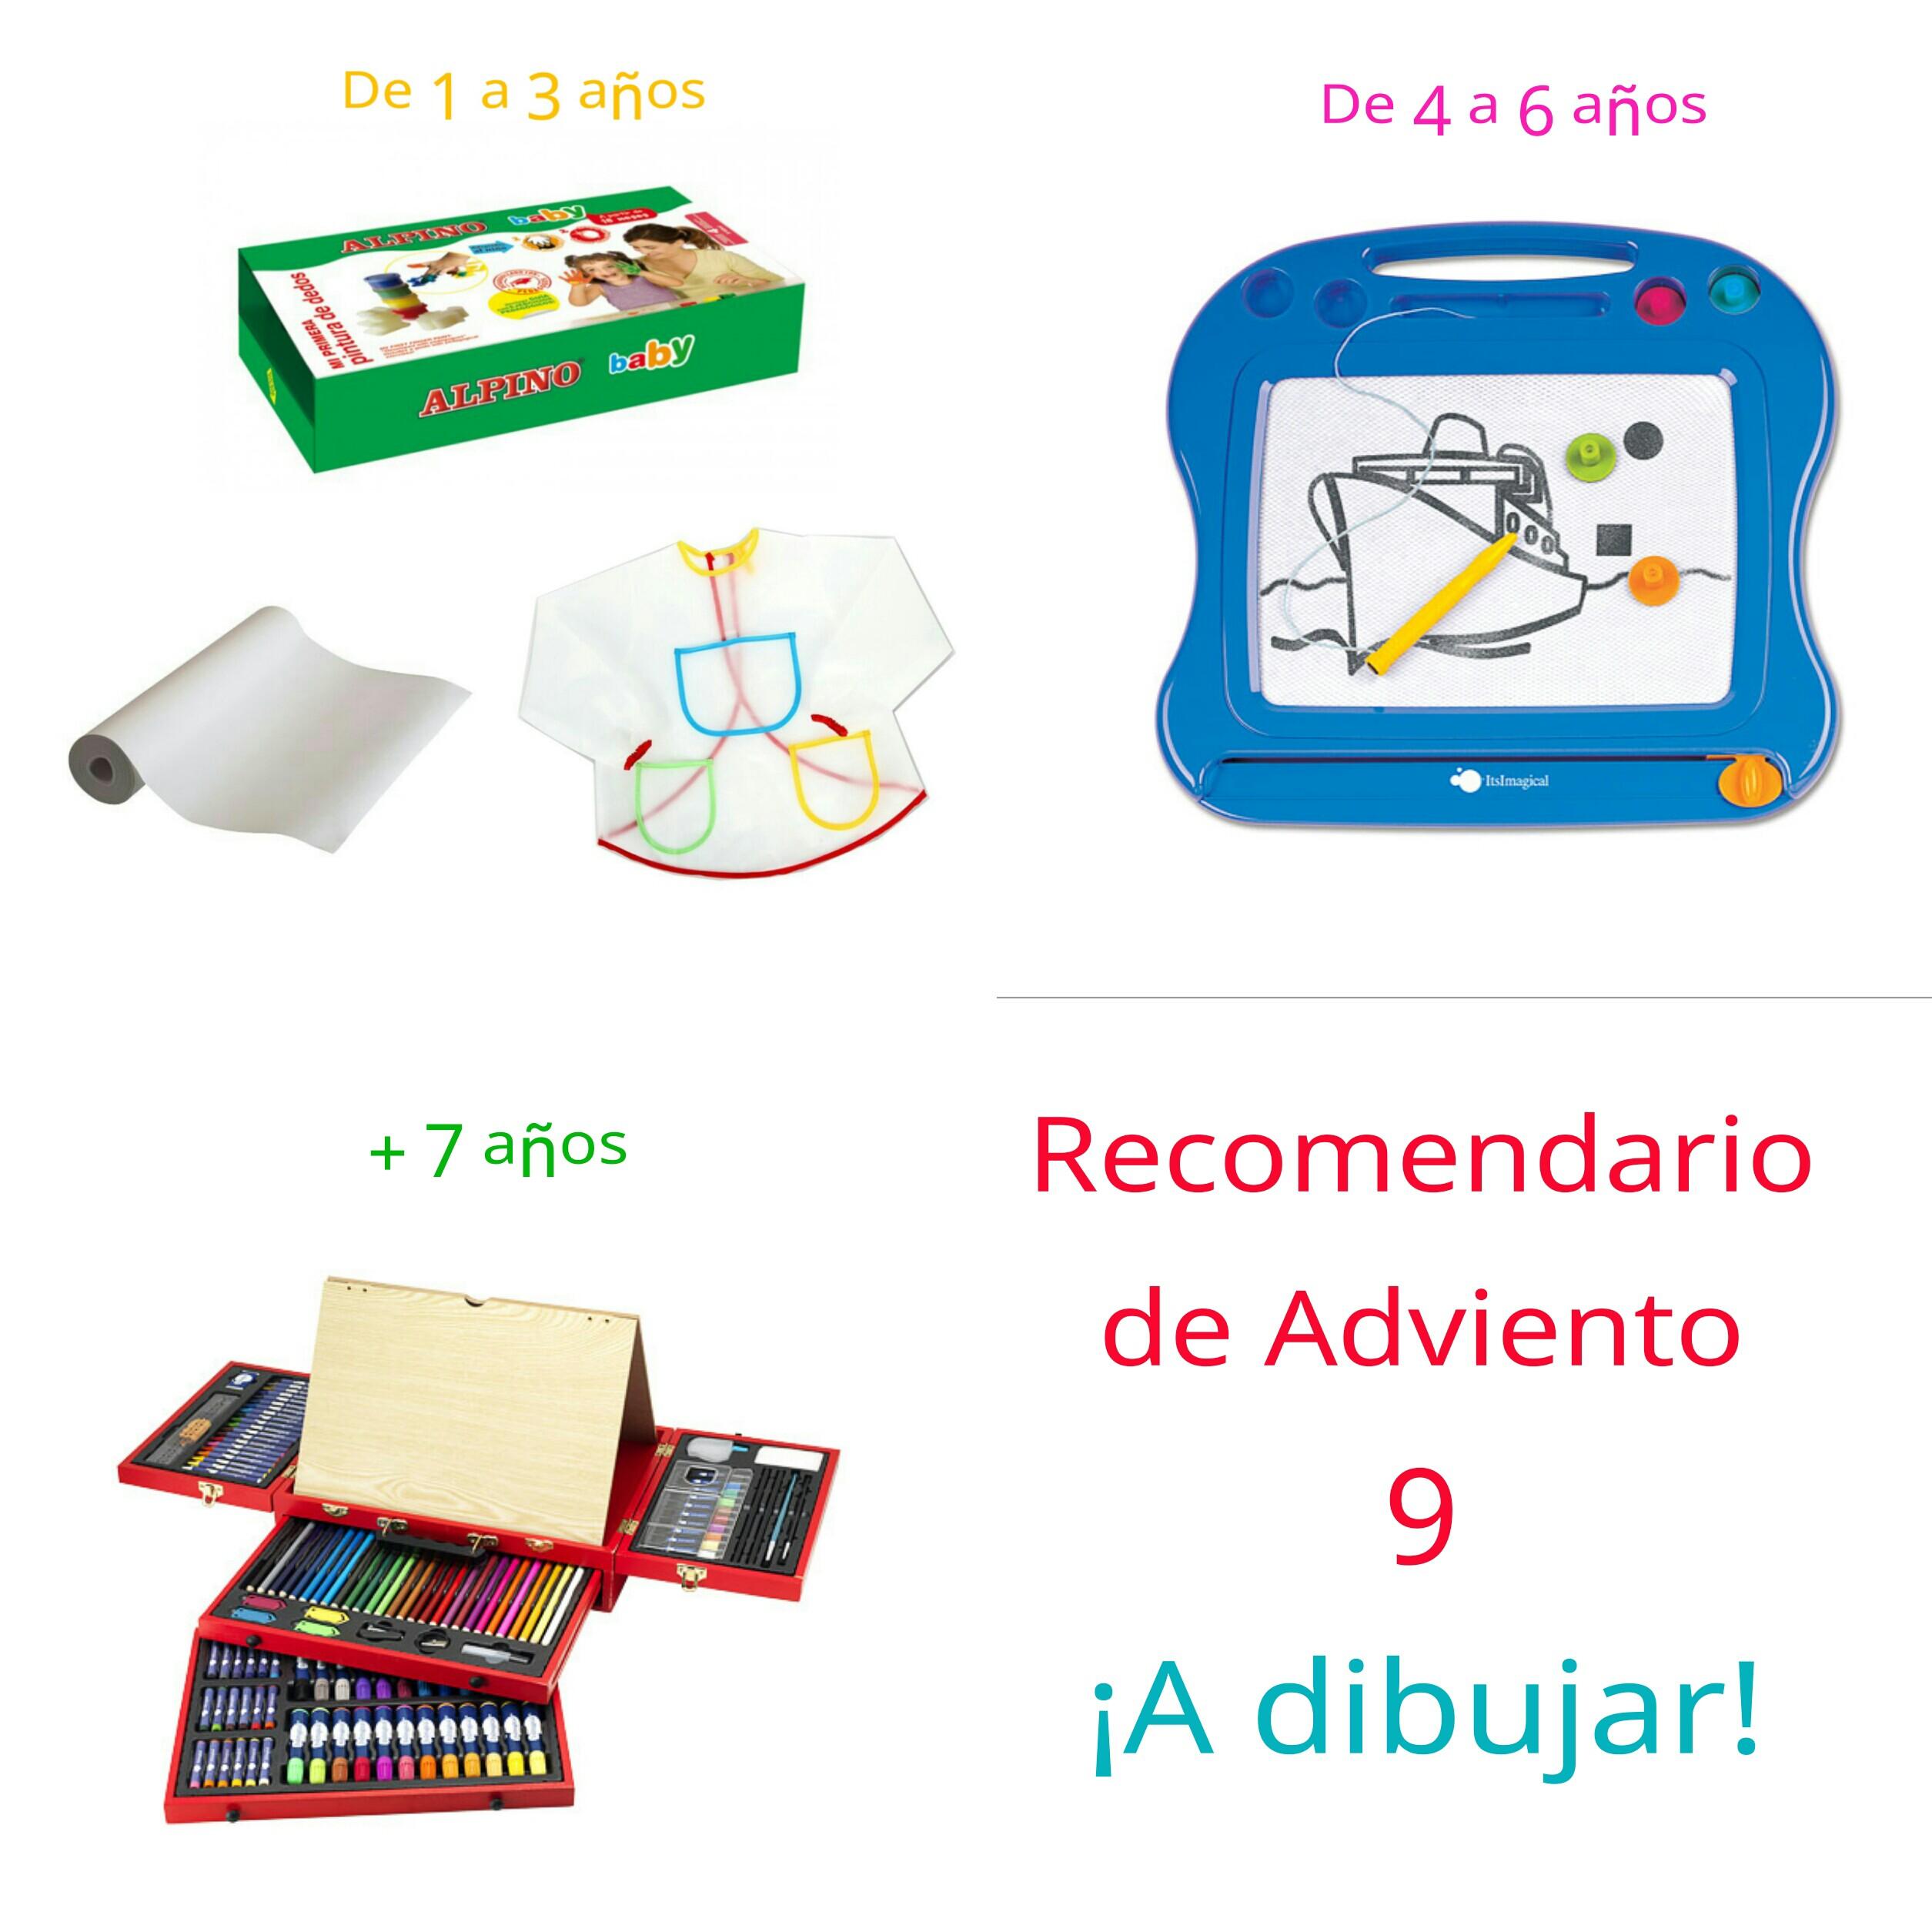 Ideas de regalos para niños. Recomendario de adviento 9 - ideas de regalo. Para dibujar